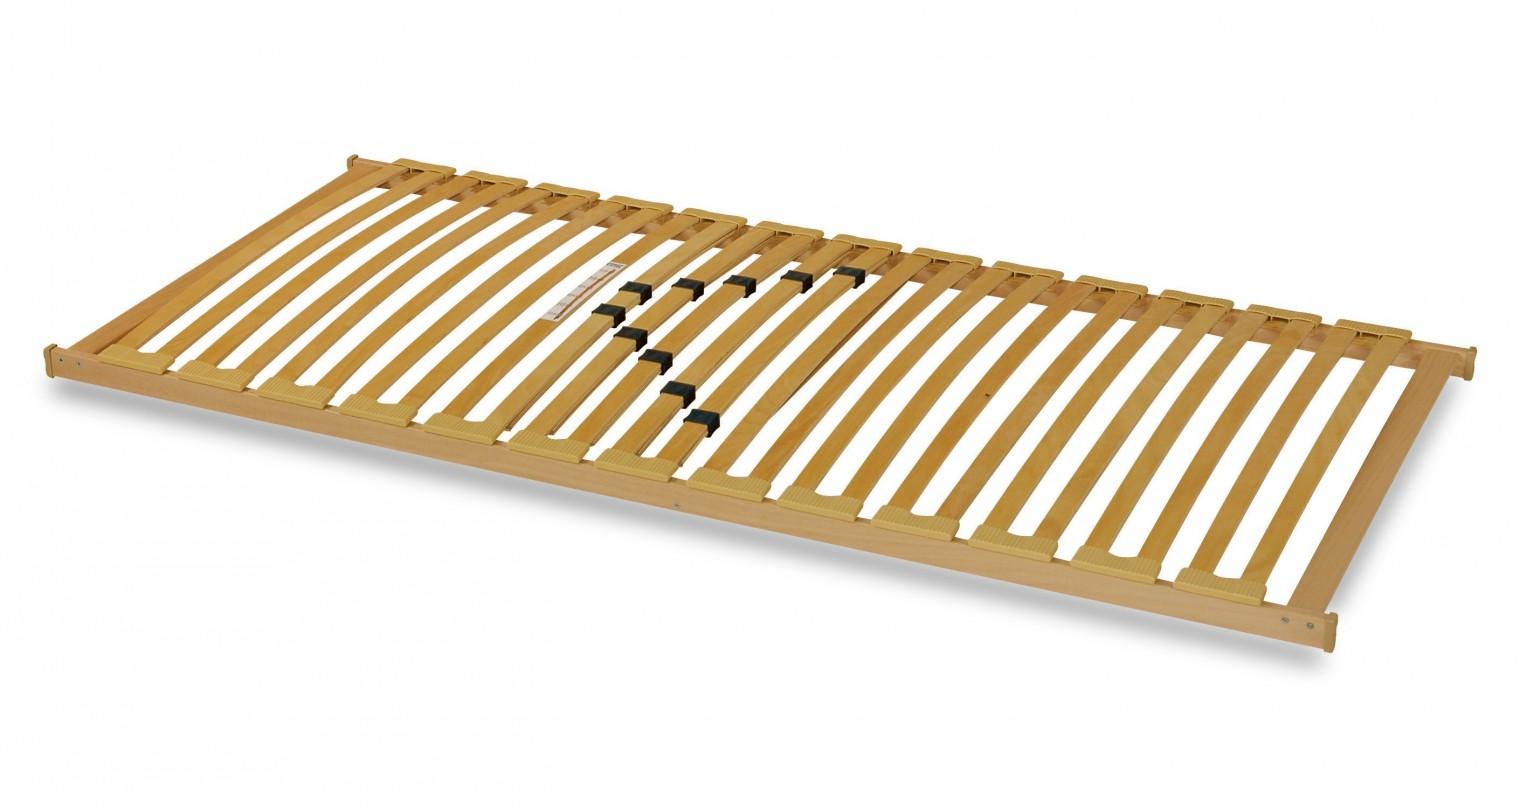 Nepolohovací Rošt Single T5 (80x200 cm)